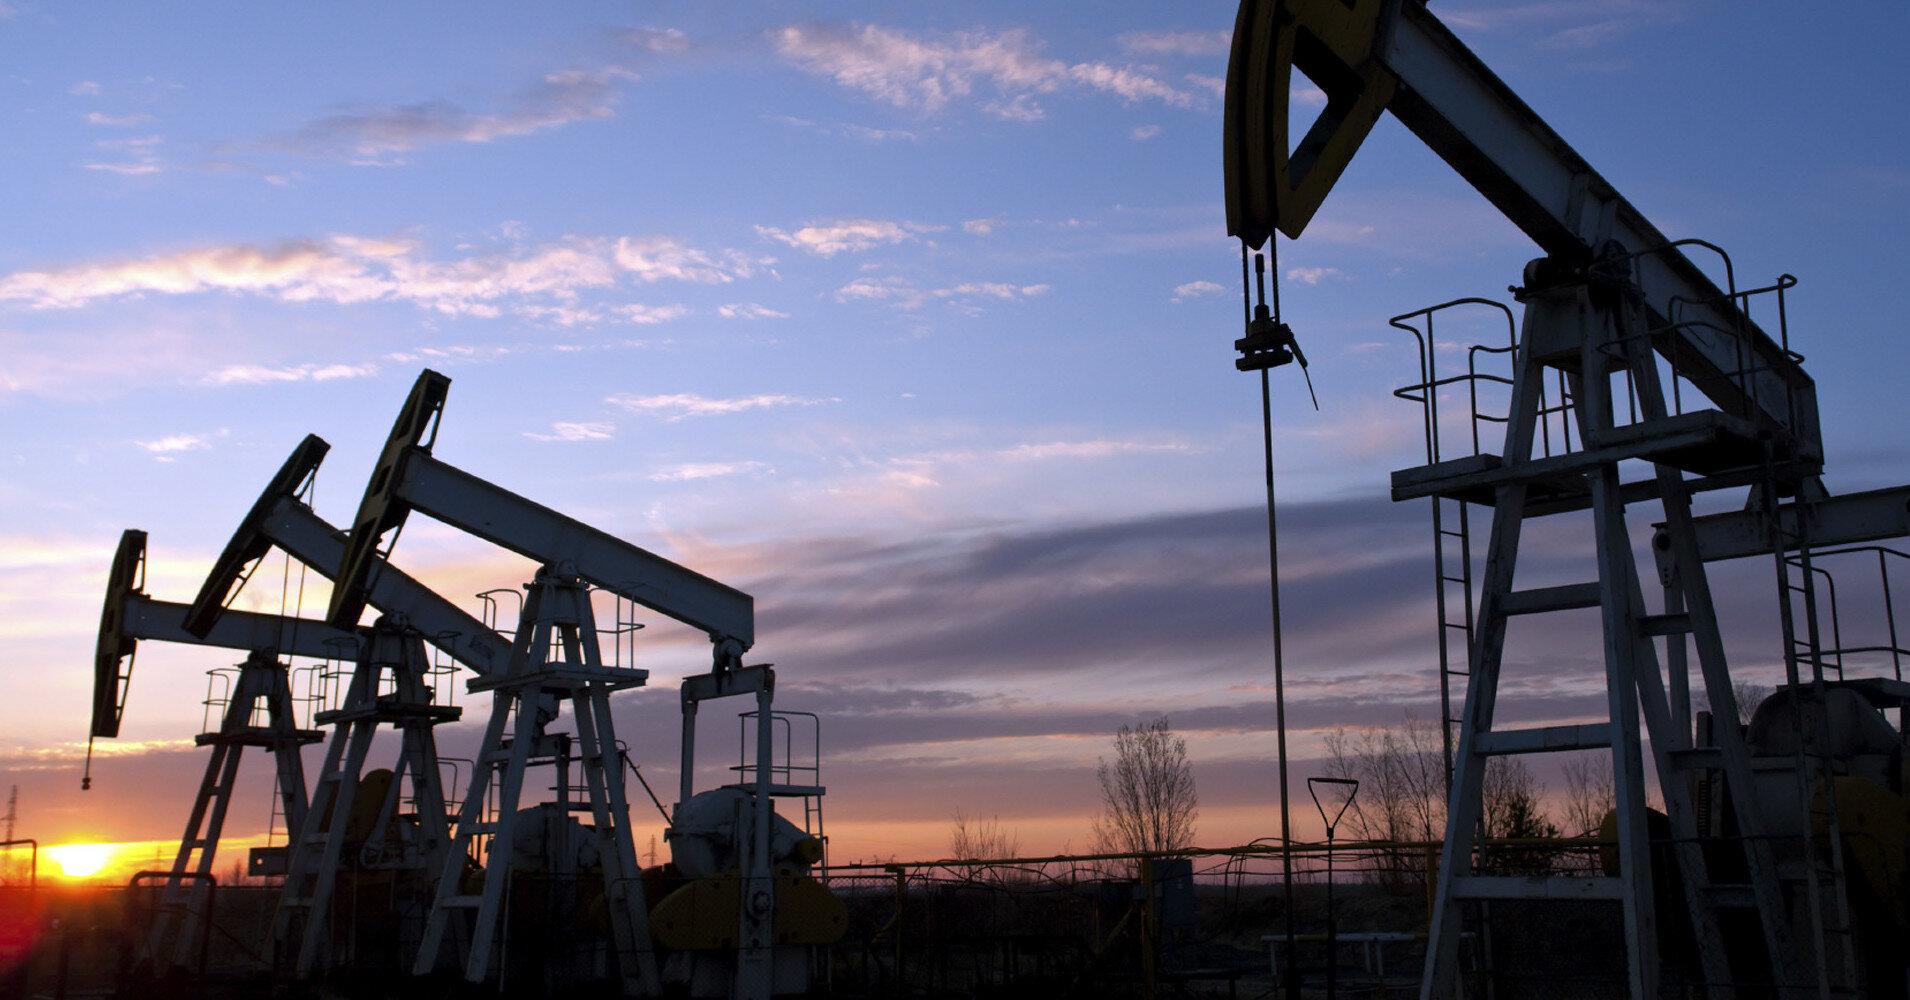 Шведские аналитики вынесли смертный приговор нефти